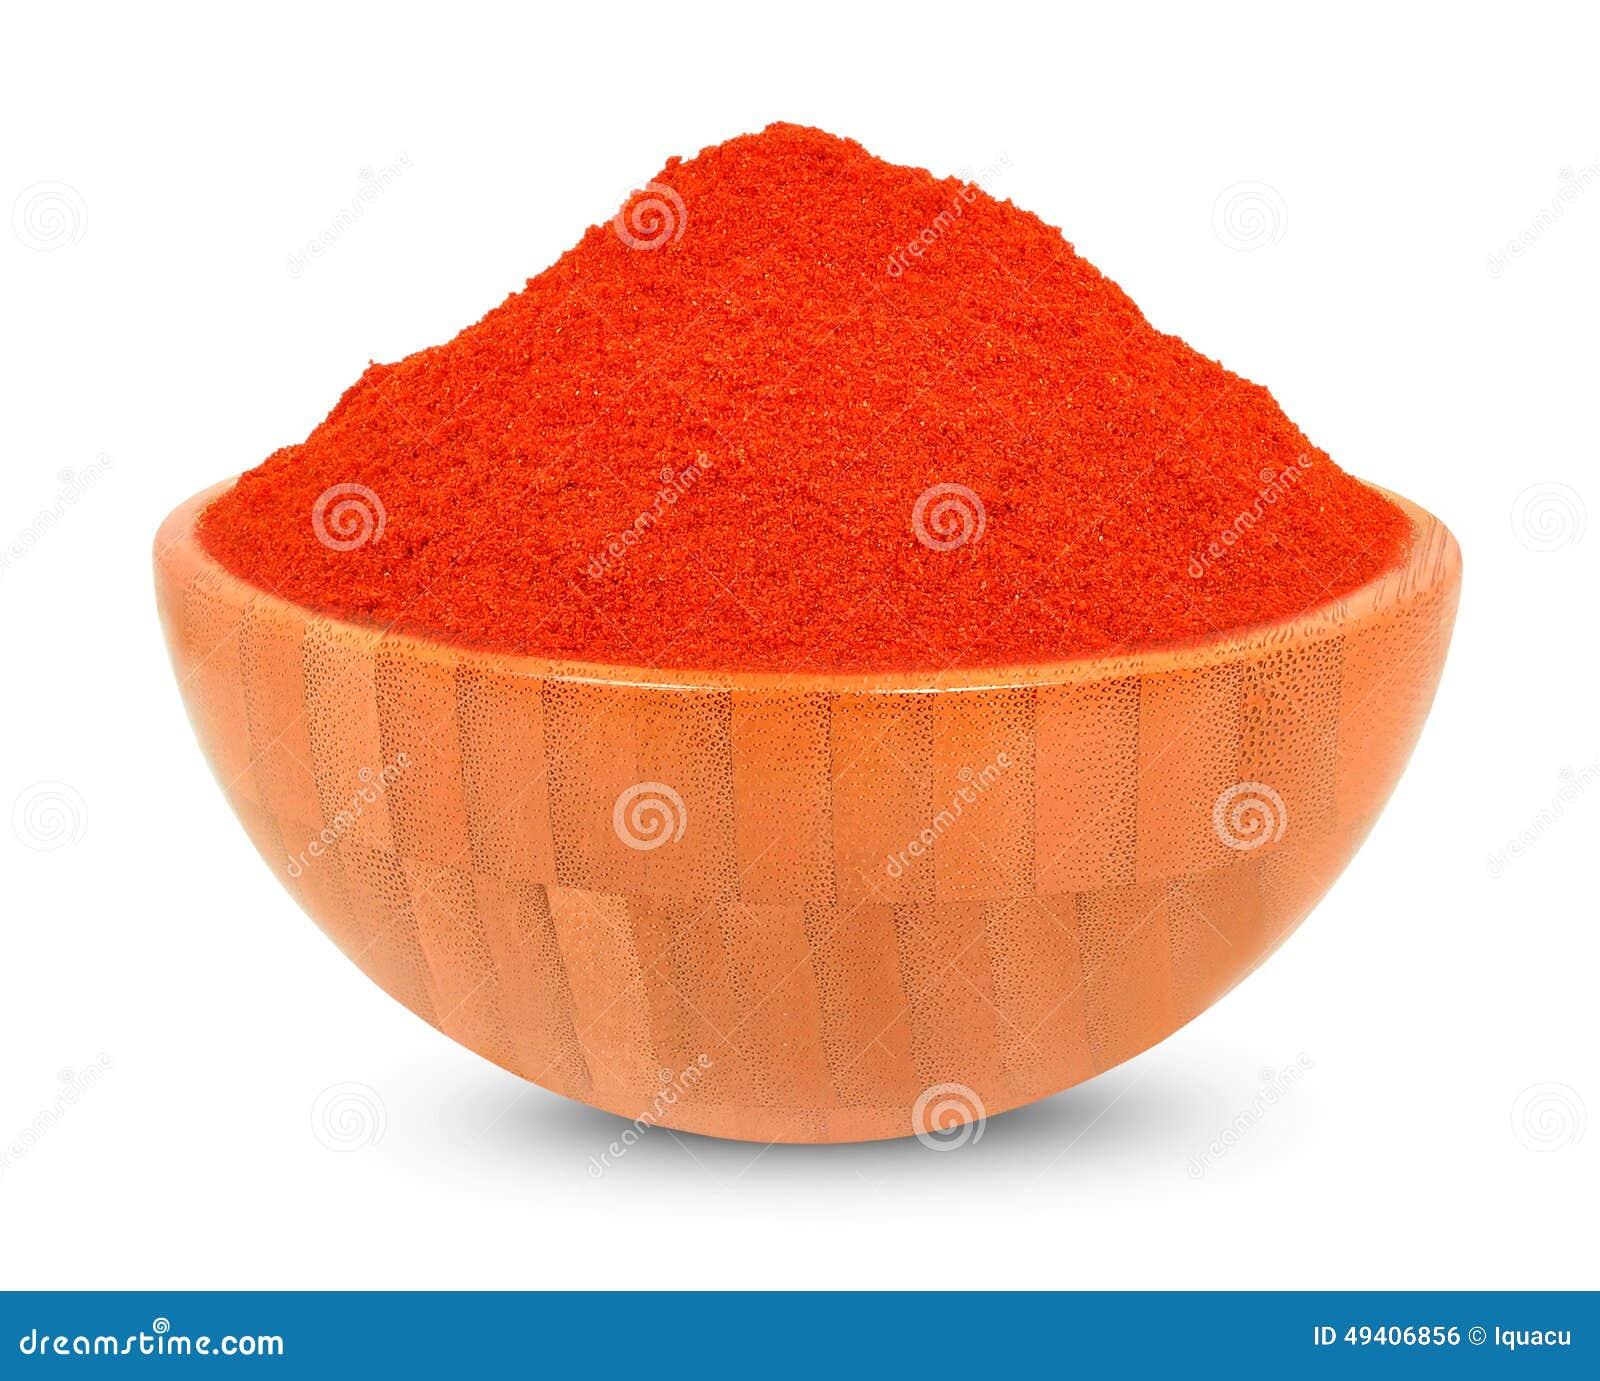 Download Paprika stockfoto. Bild von puder, aroma, pfeffer, bestandteil - 49406856